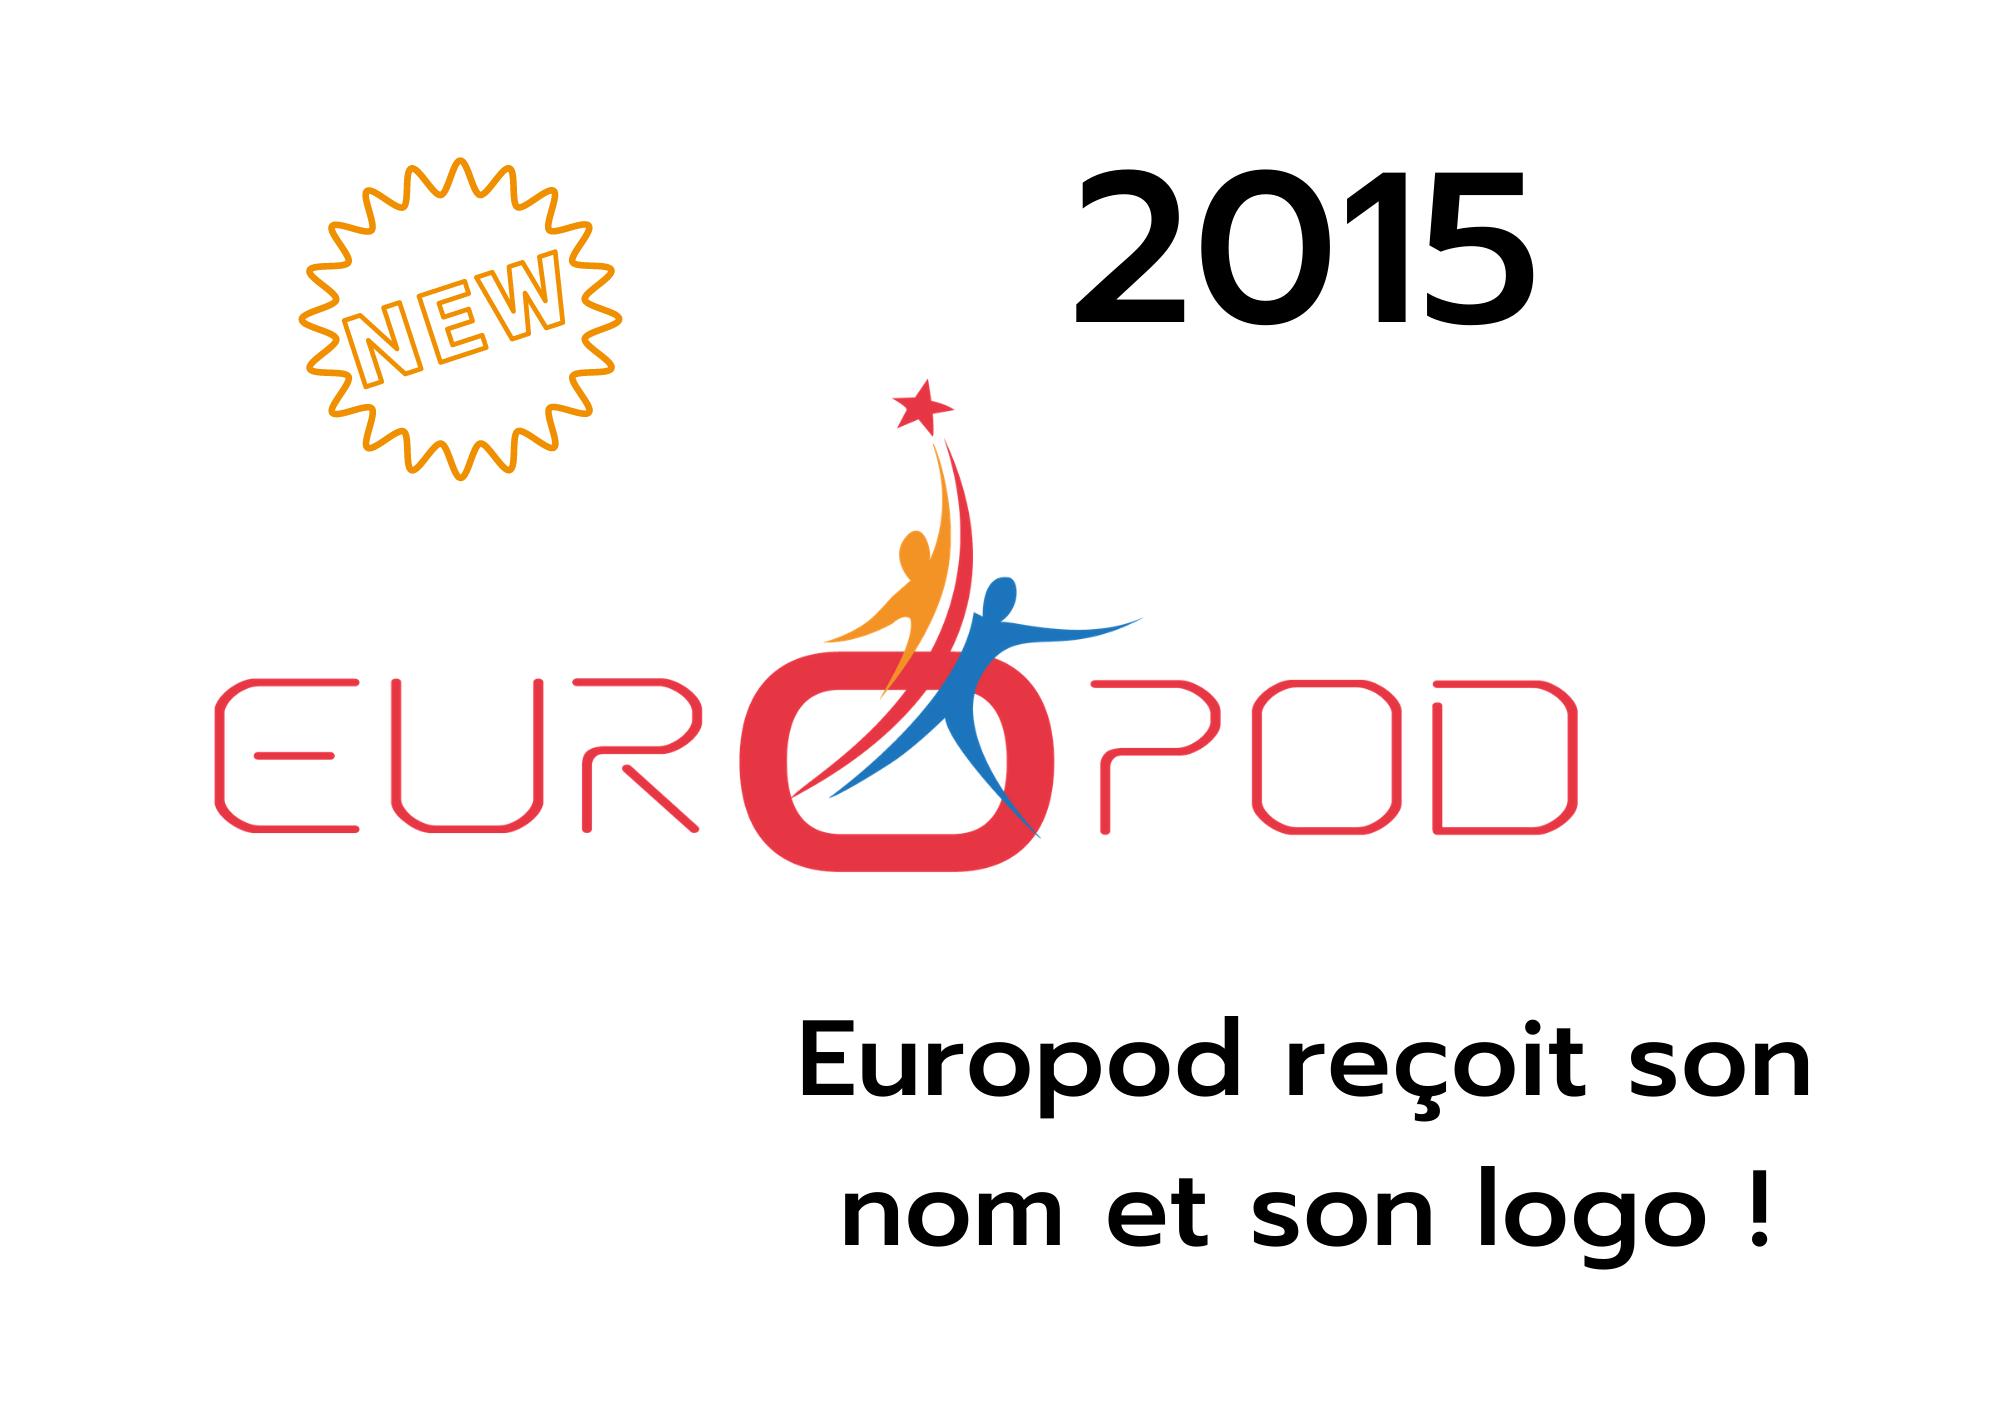 Site web Europod Histoire en français (8)